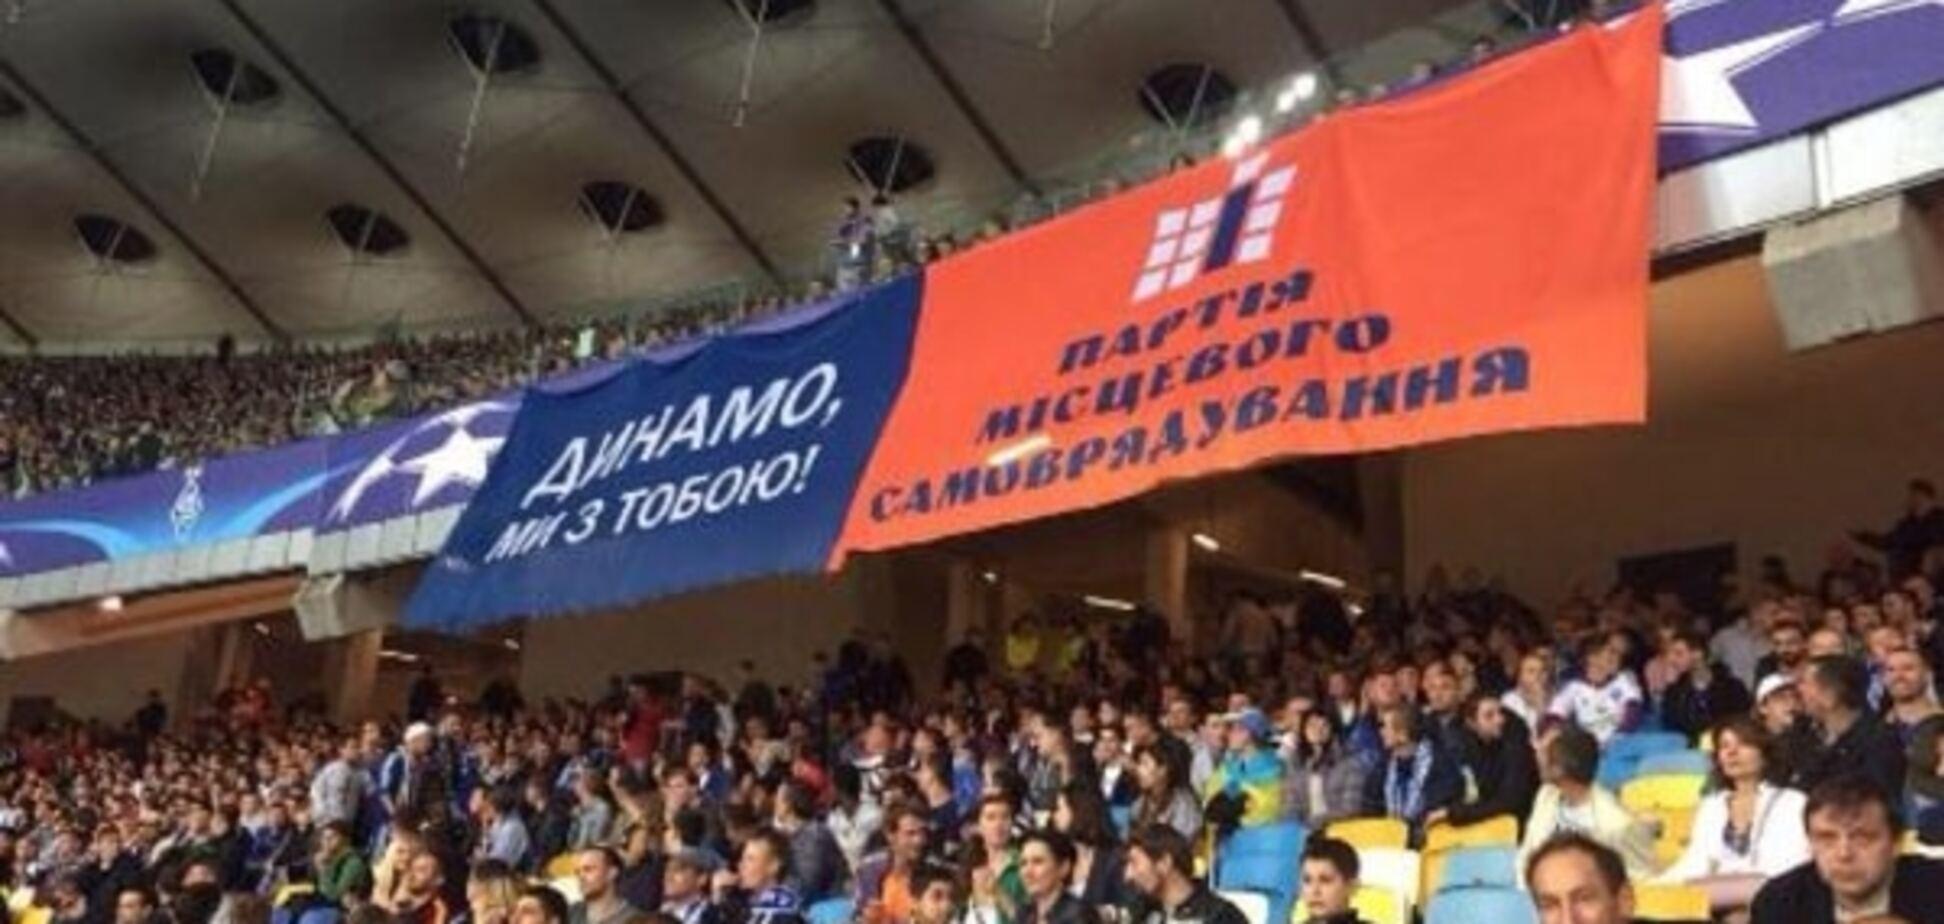 Футбольні ультрас влаштували бійку на матчі 'Динамо' - 'Порту'